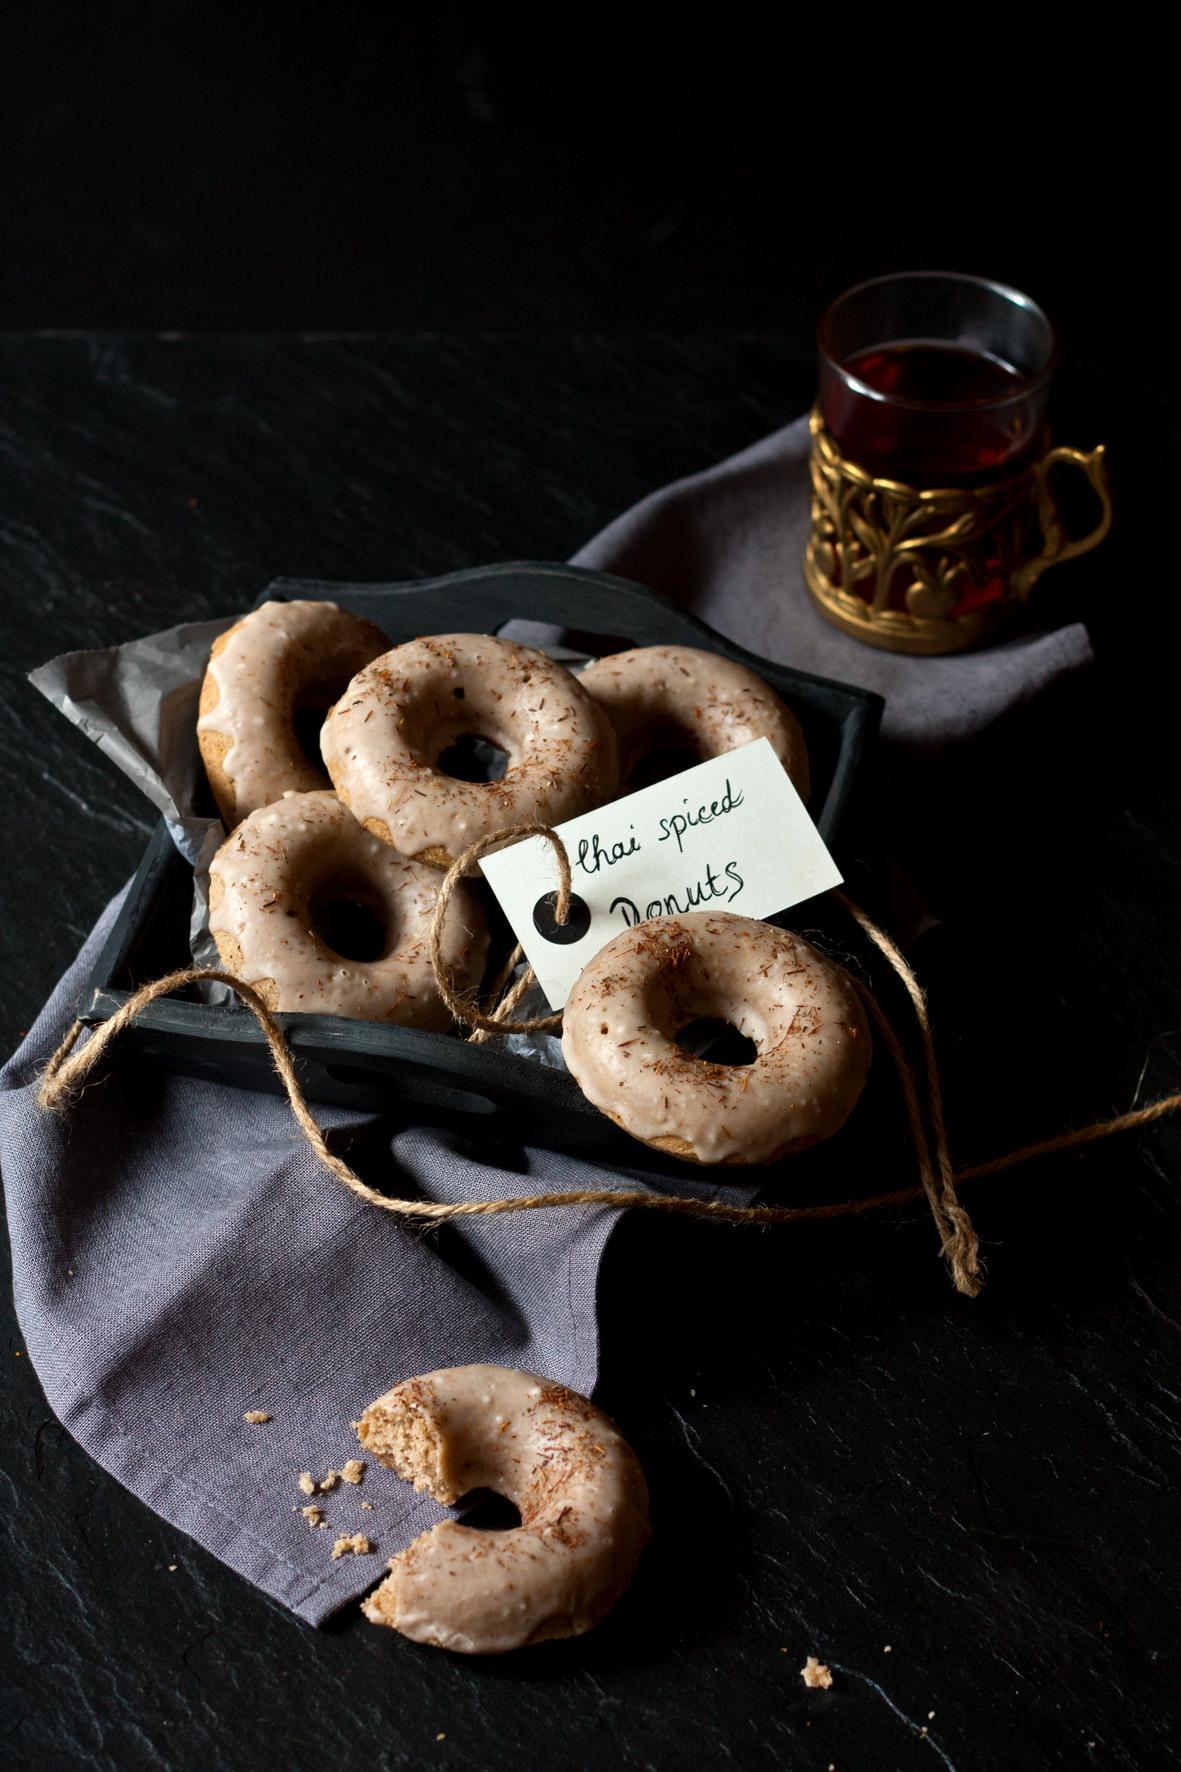 chai_spice_donuts_5